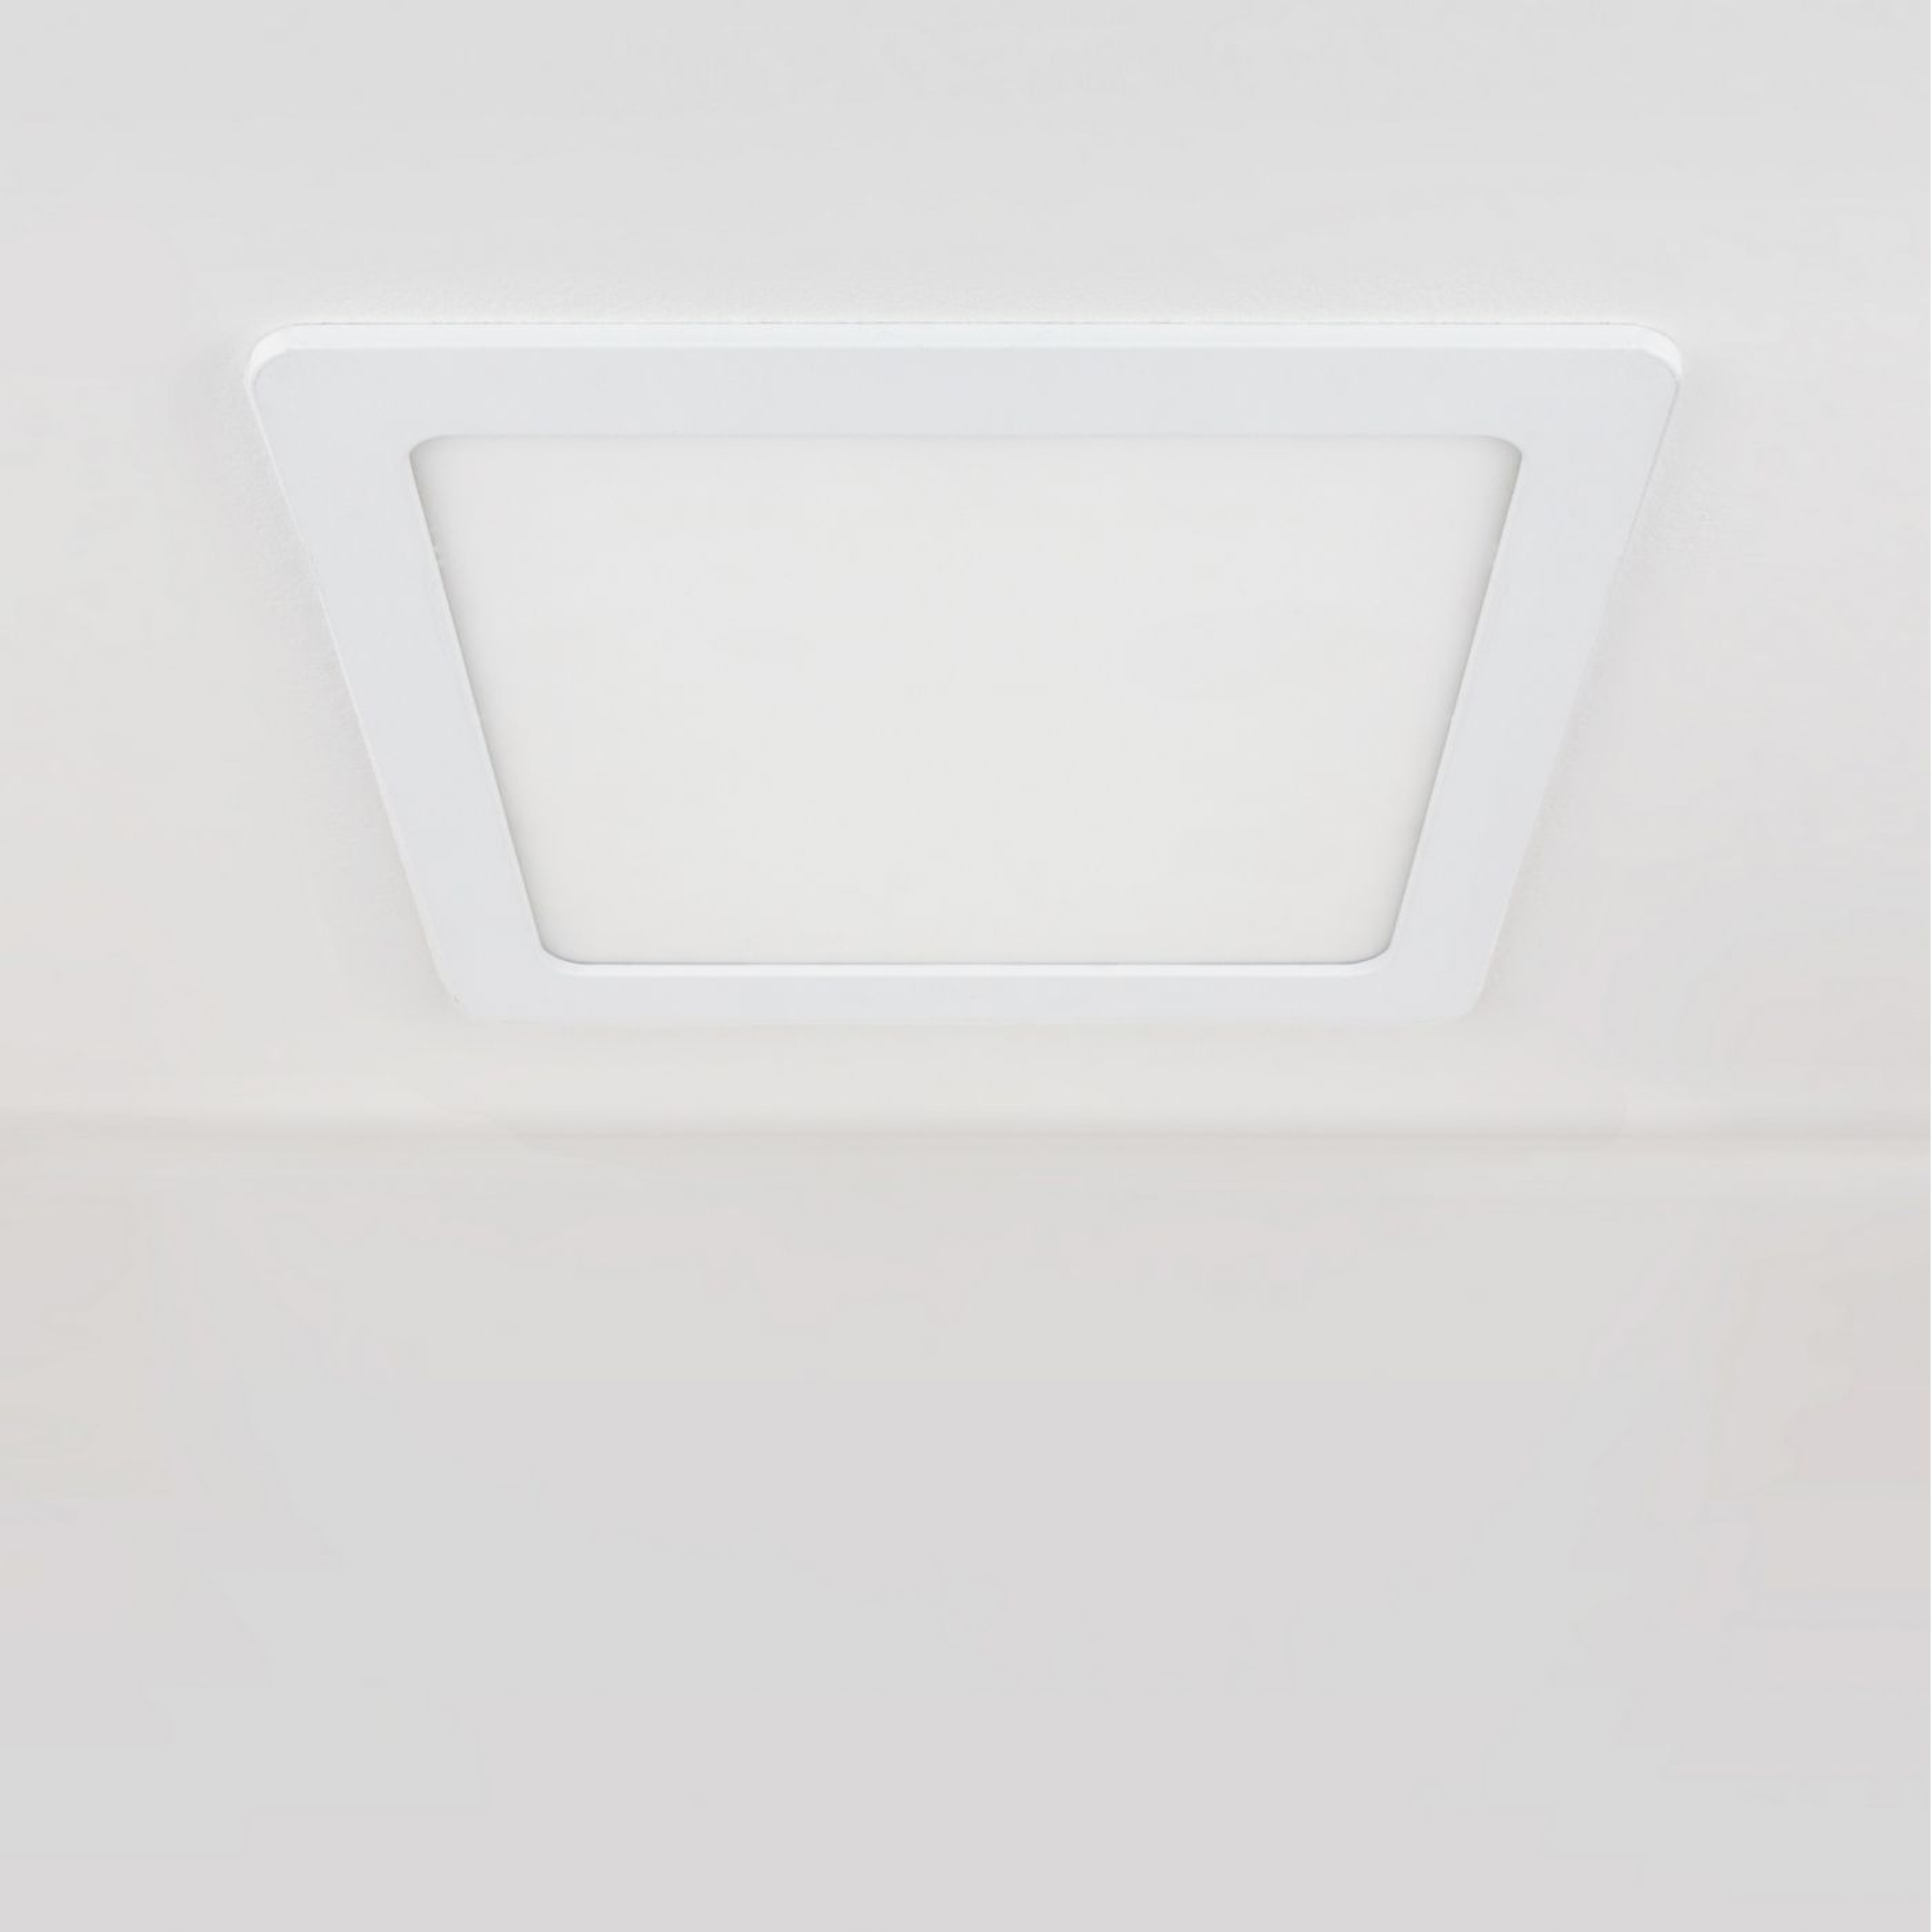 Дополнительное фото 1 товара Встраиваемый светильник Downlight a034919